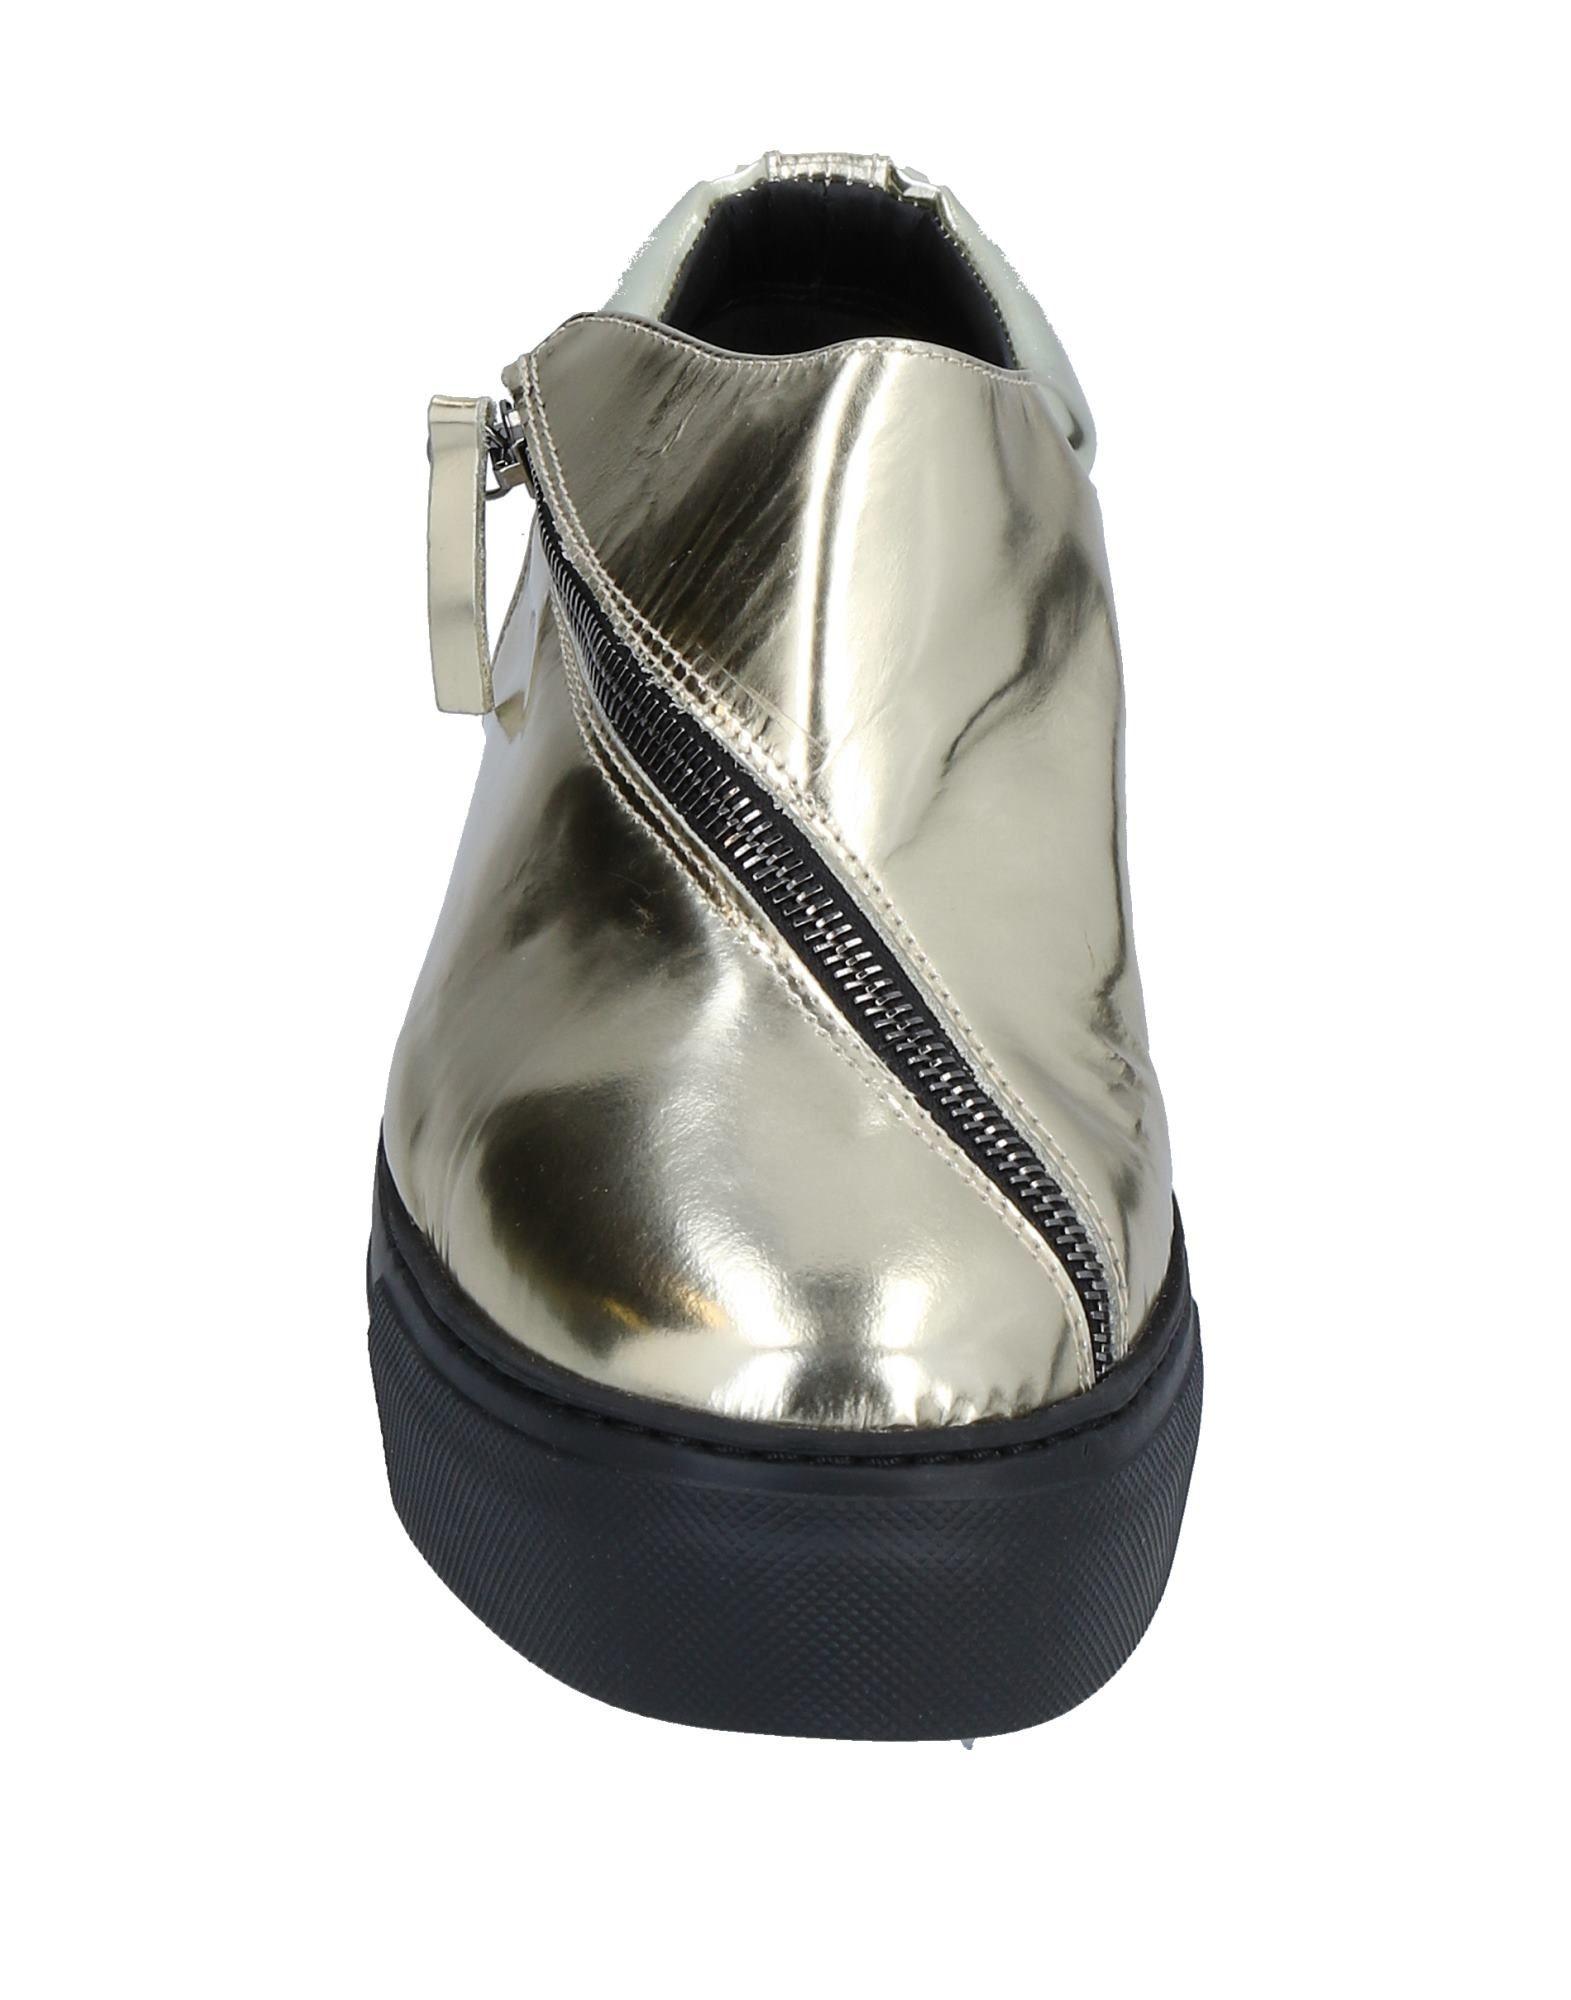 Scarpe economiche e resistenti Sneakers Archivio,22 Donna - 11499943HH